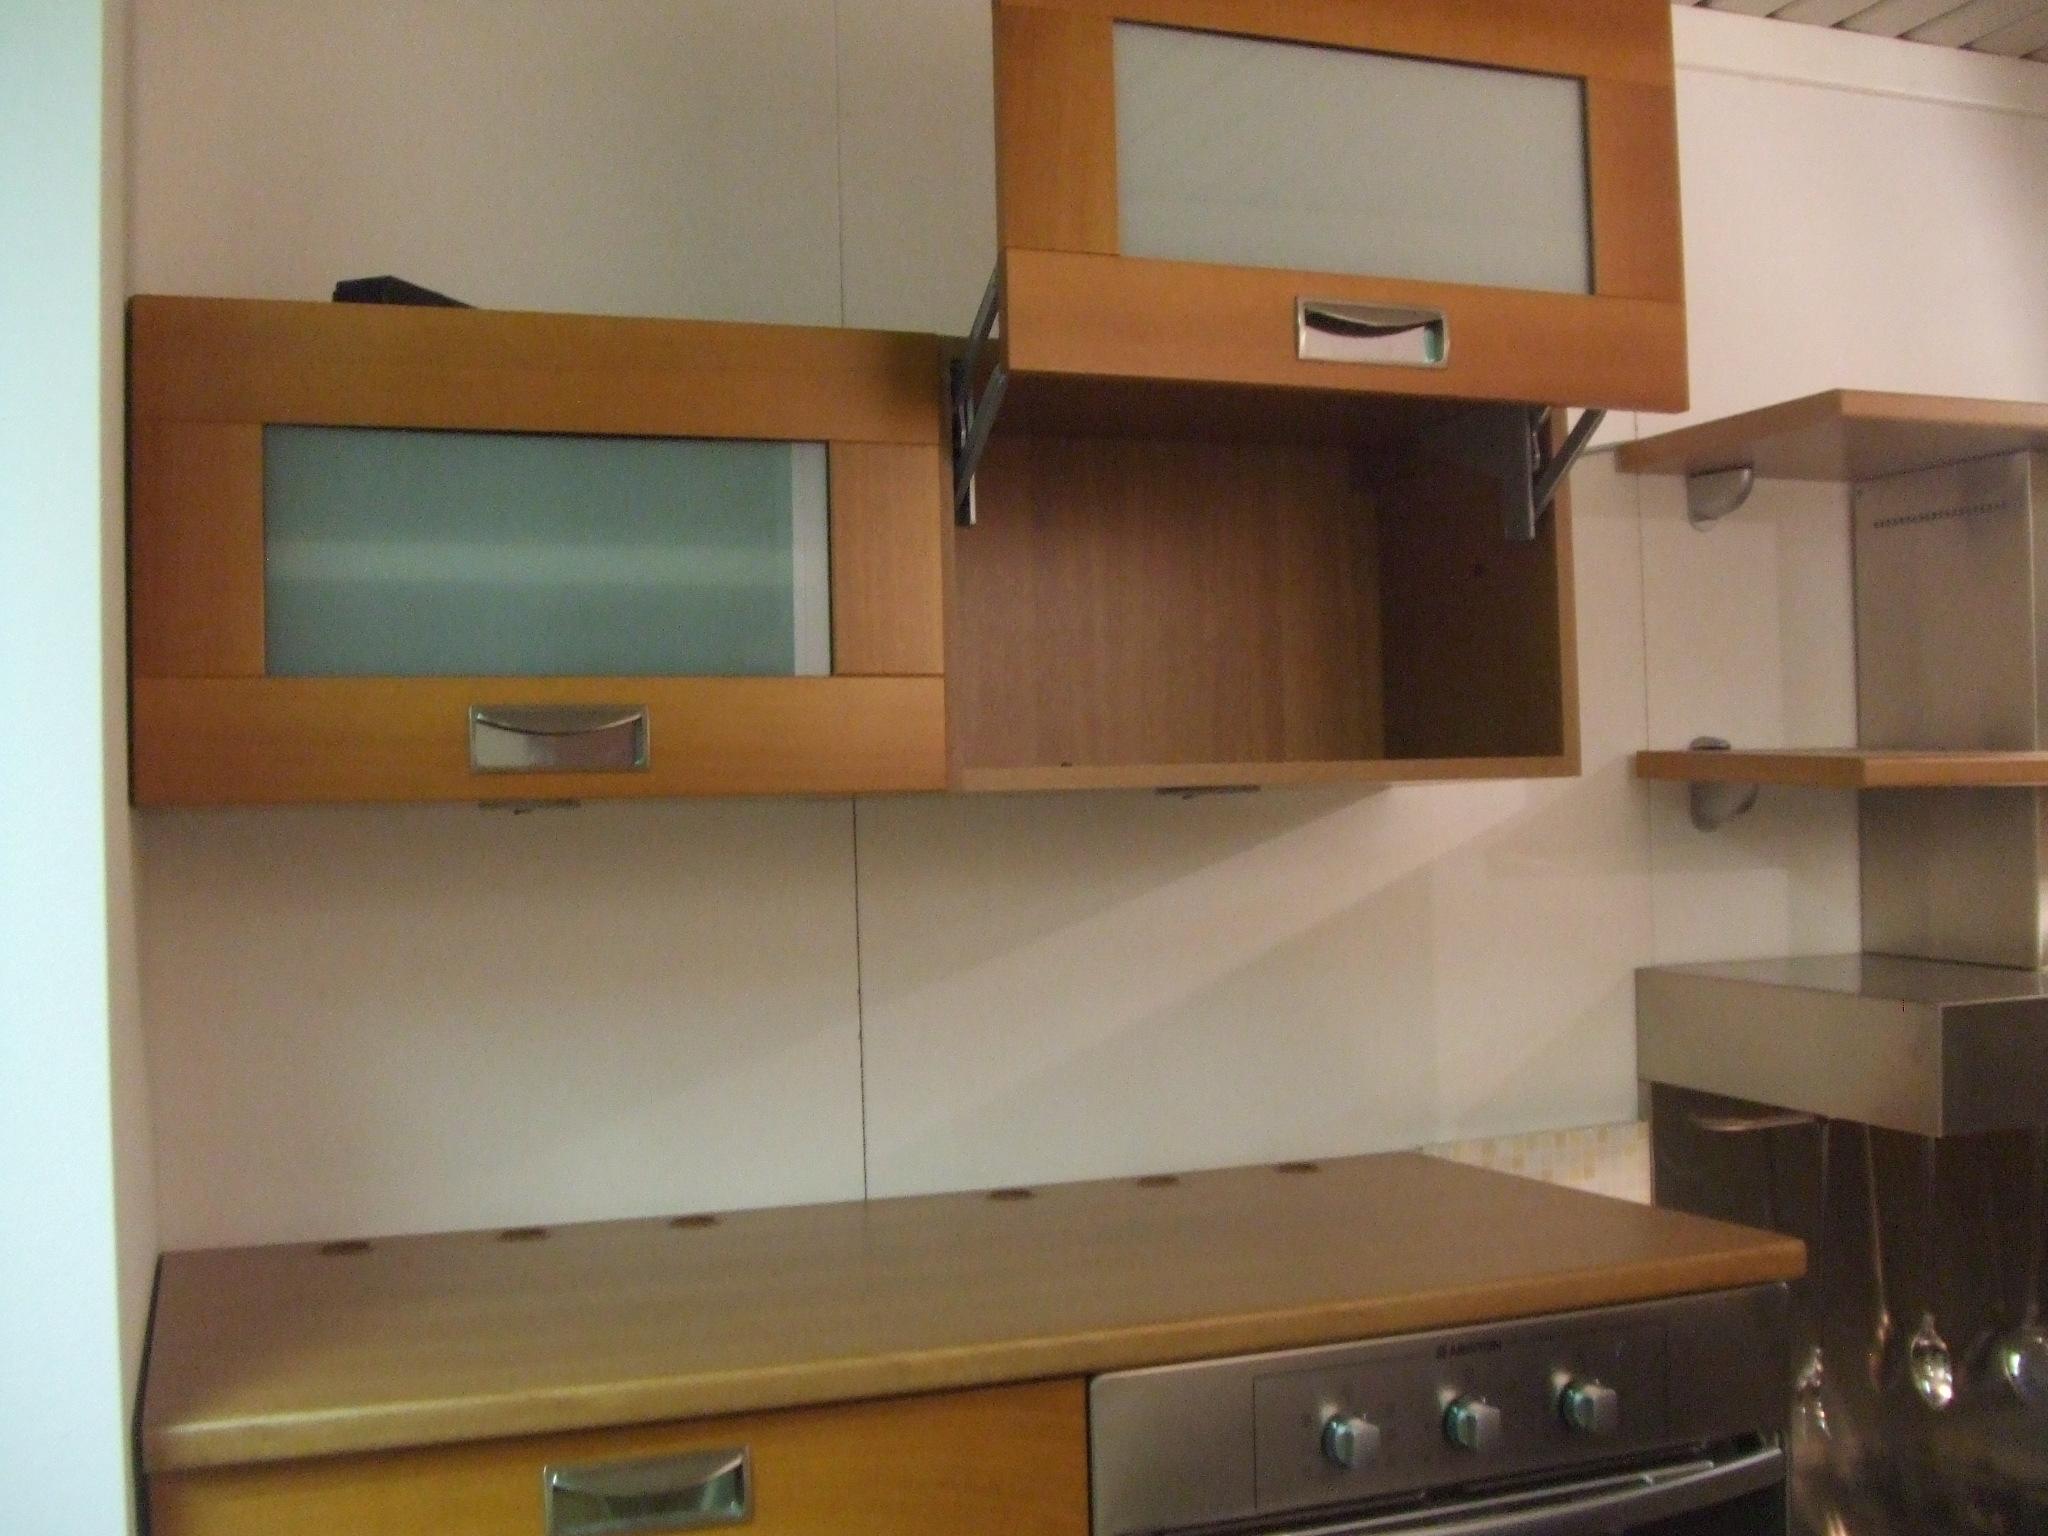 Cucina Moderna Lineare Metri 3 60 Con Colonna Forno E Con Jongose ...